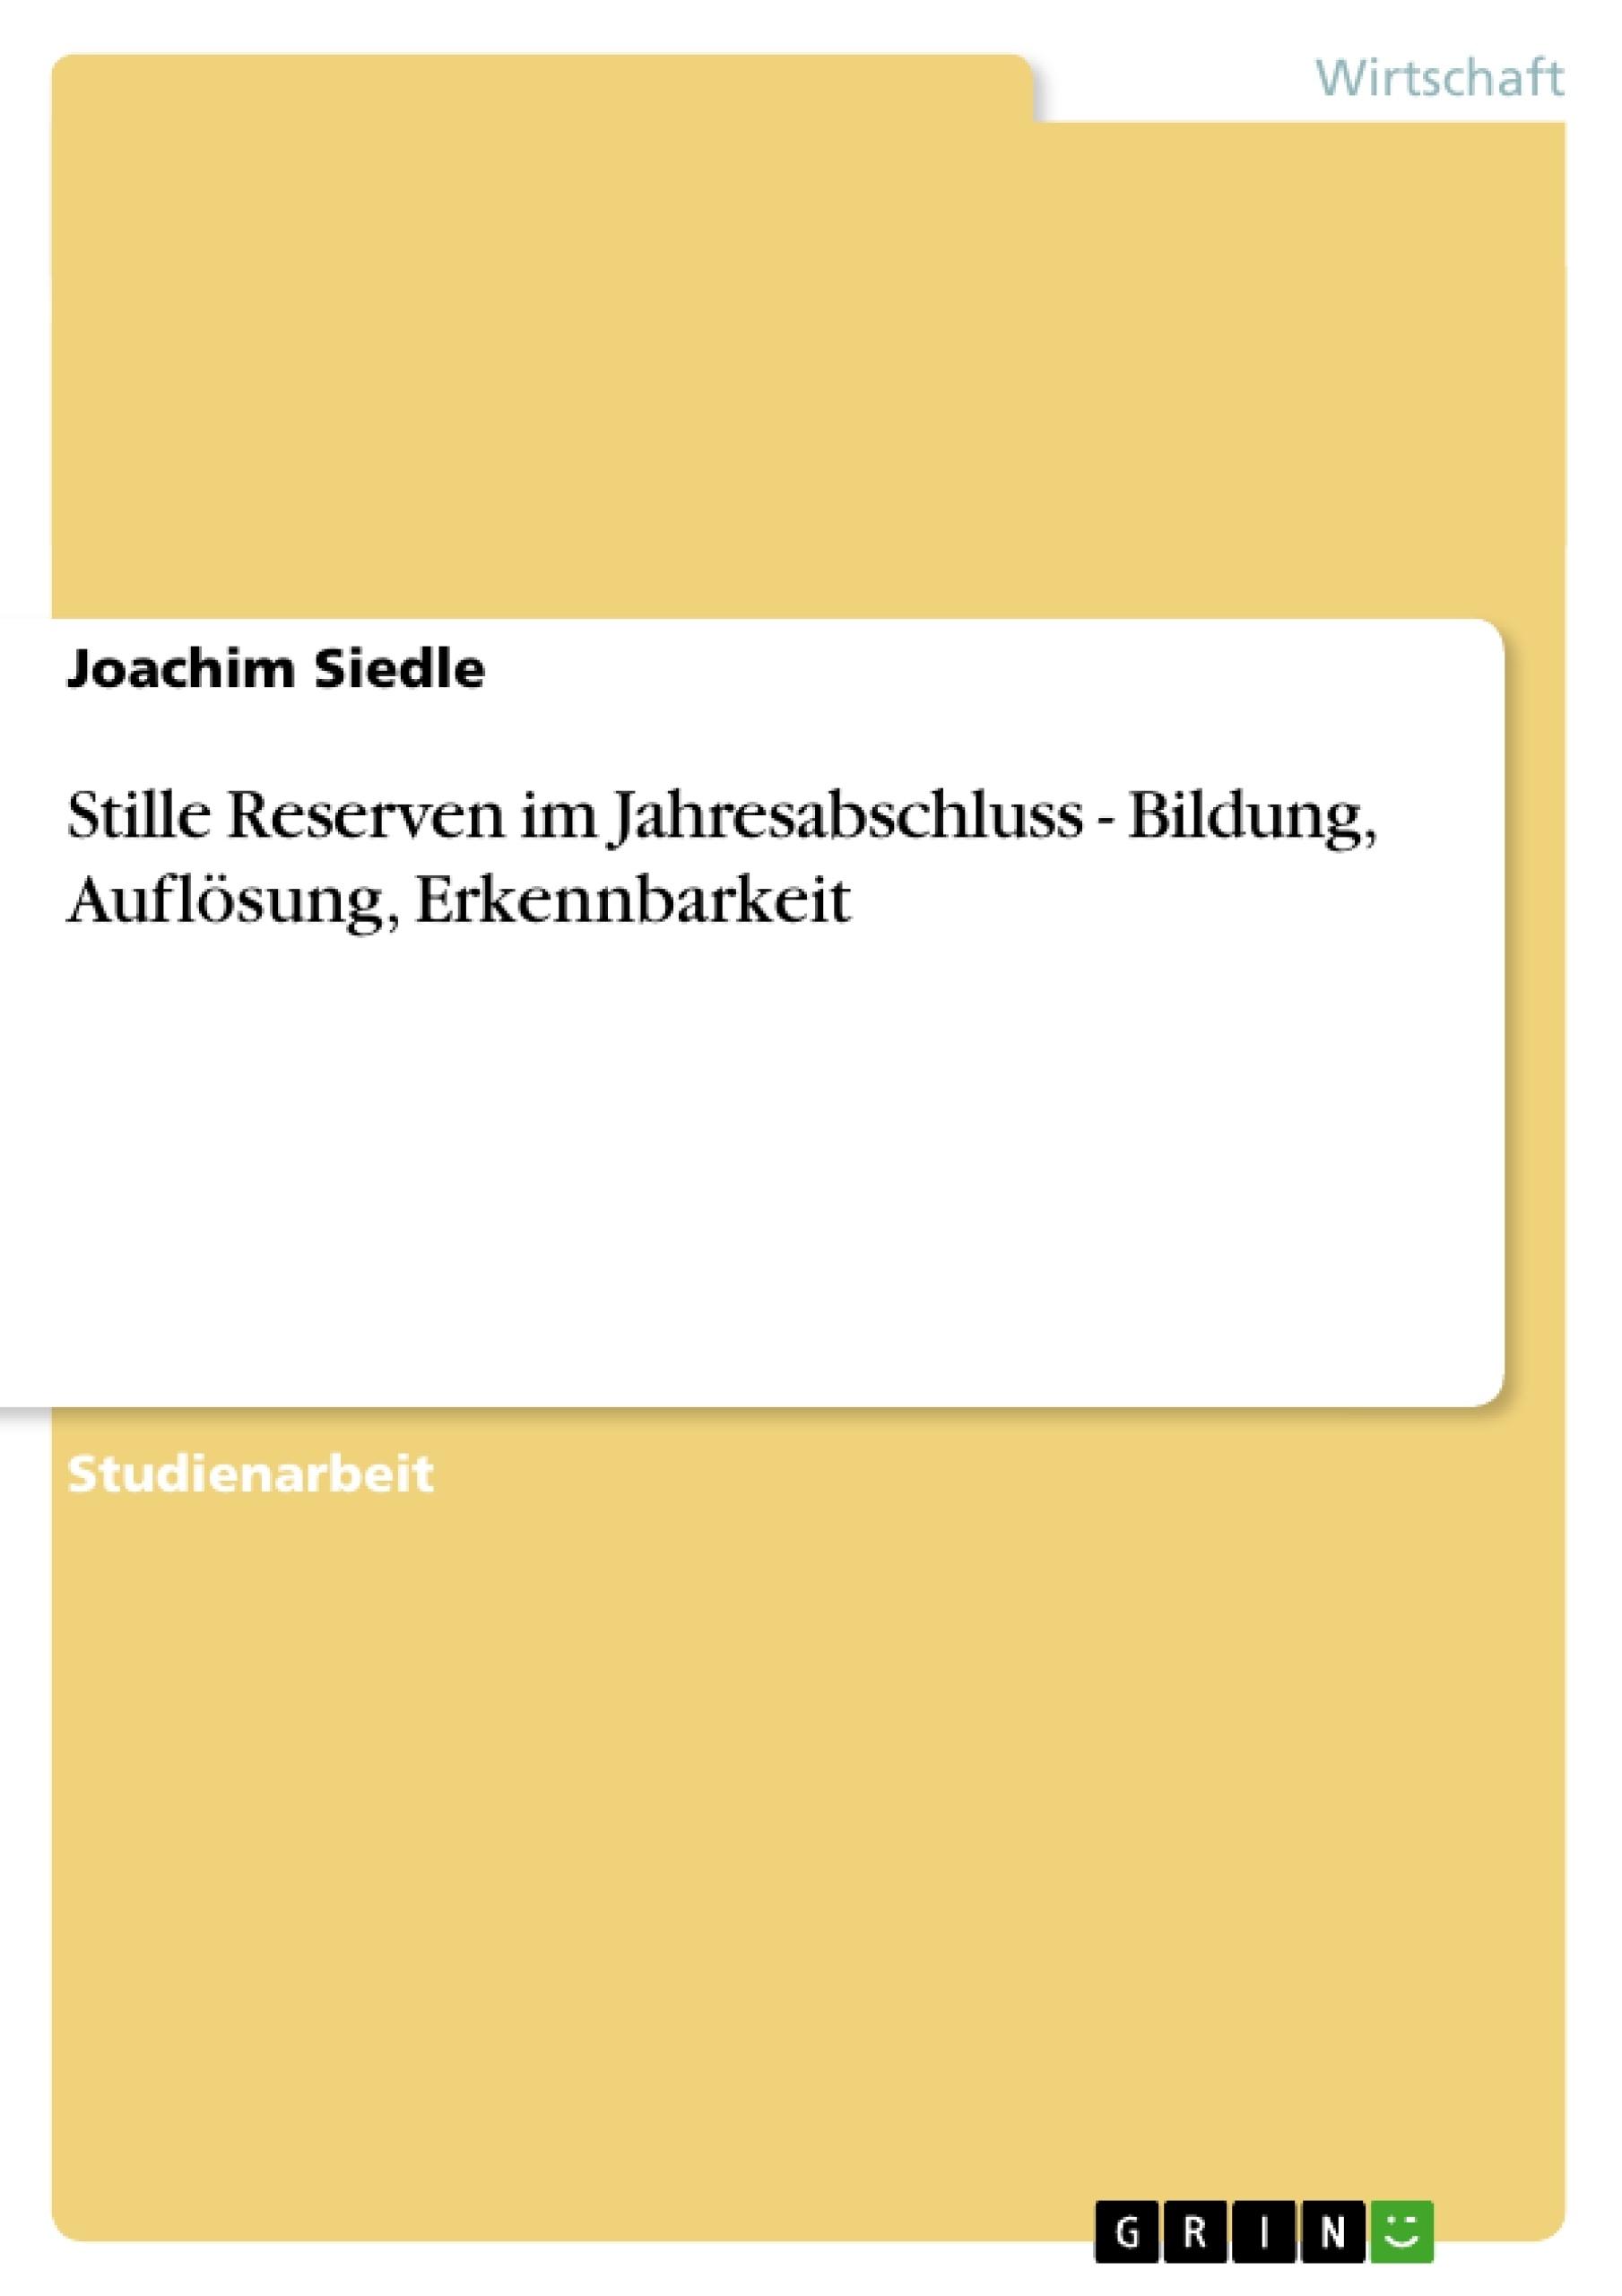 Titel: Stille Reserven im Jahresabschluss - Bildung, Auflösung, Erkennbarkeit